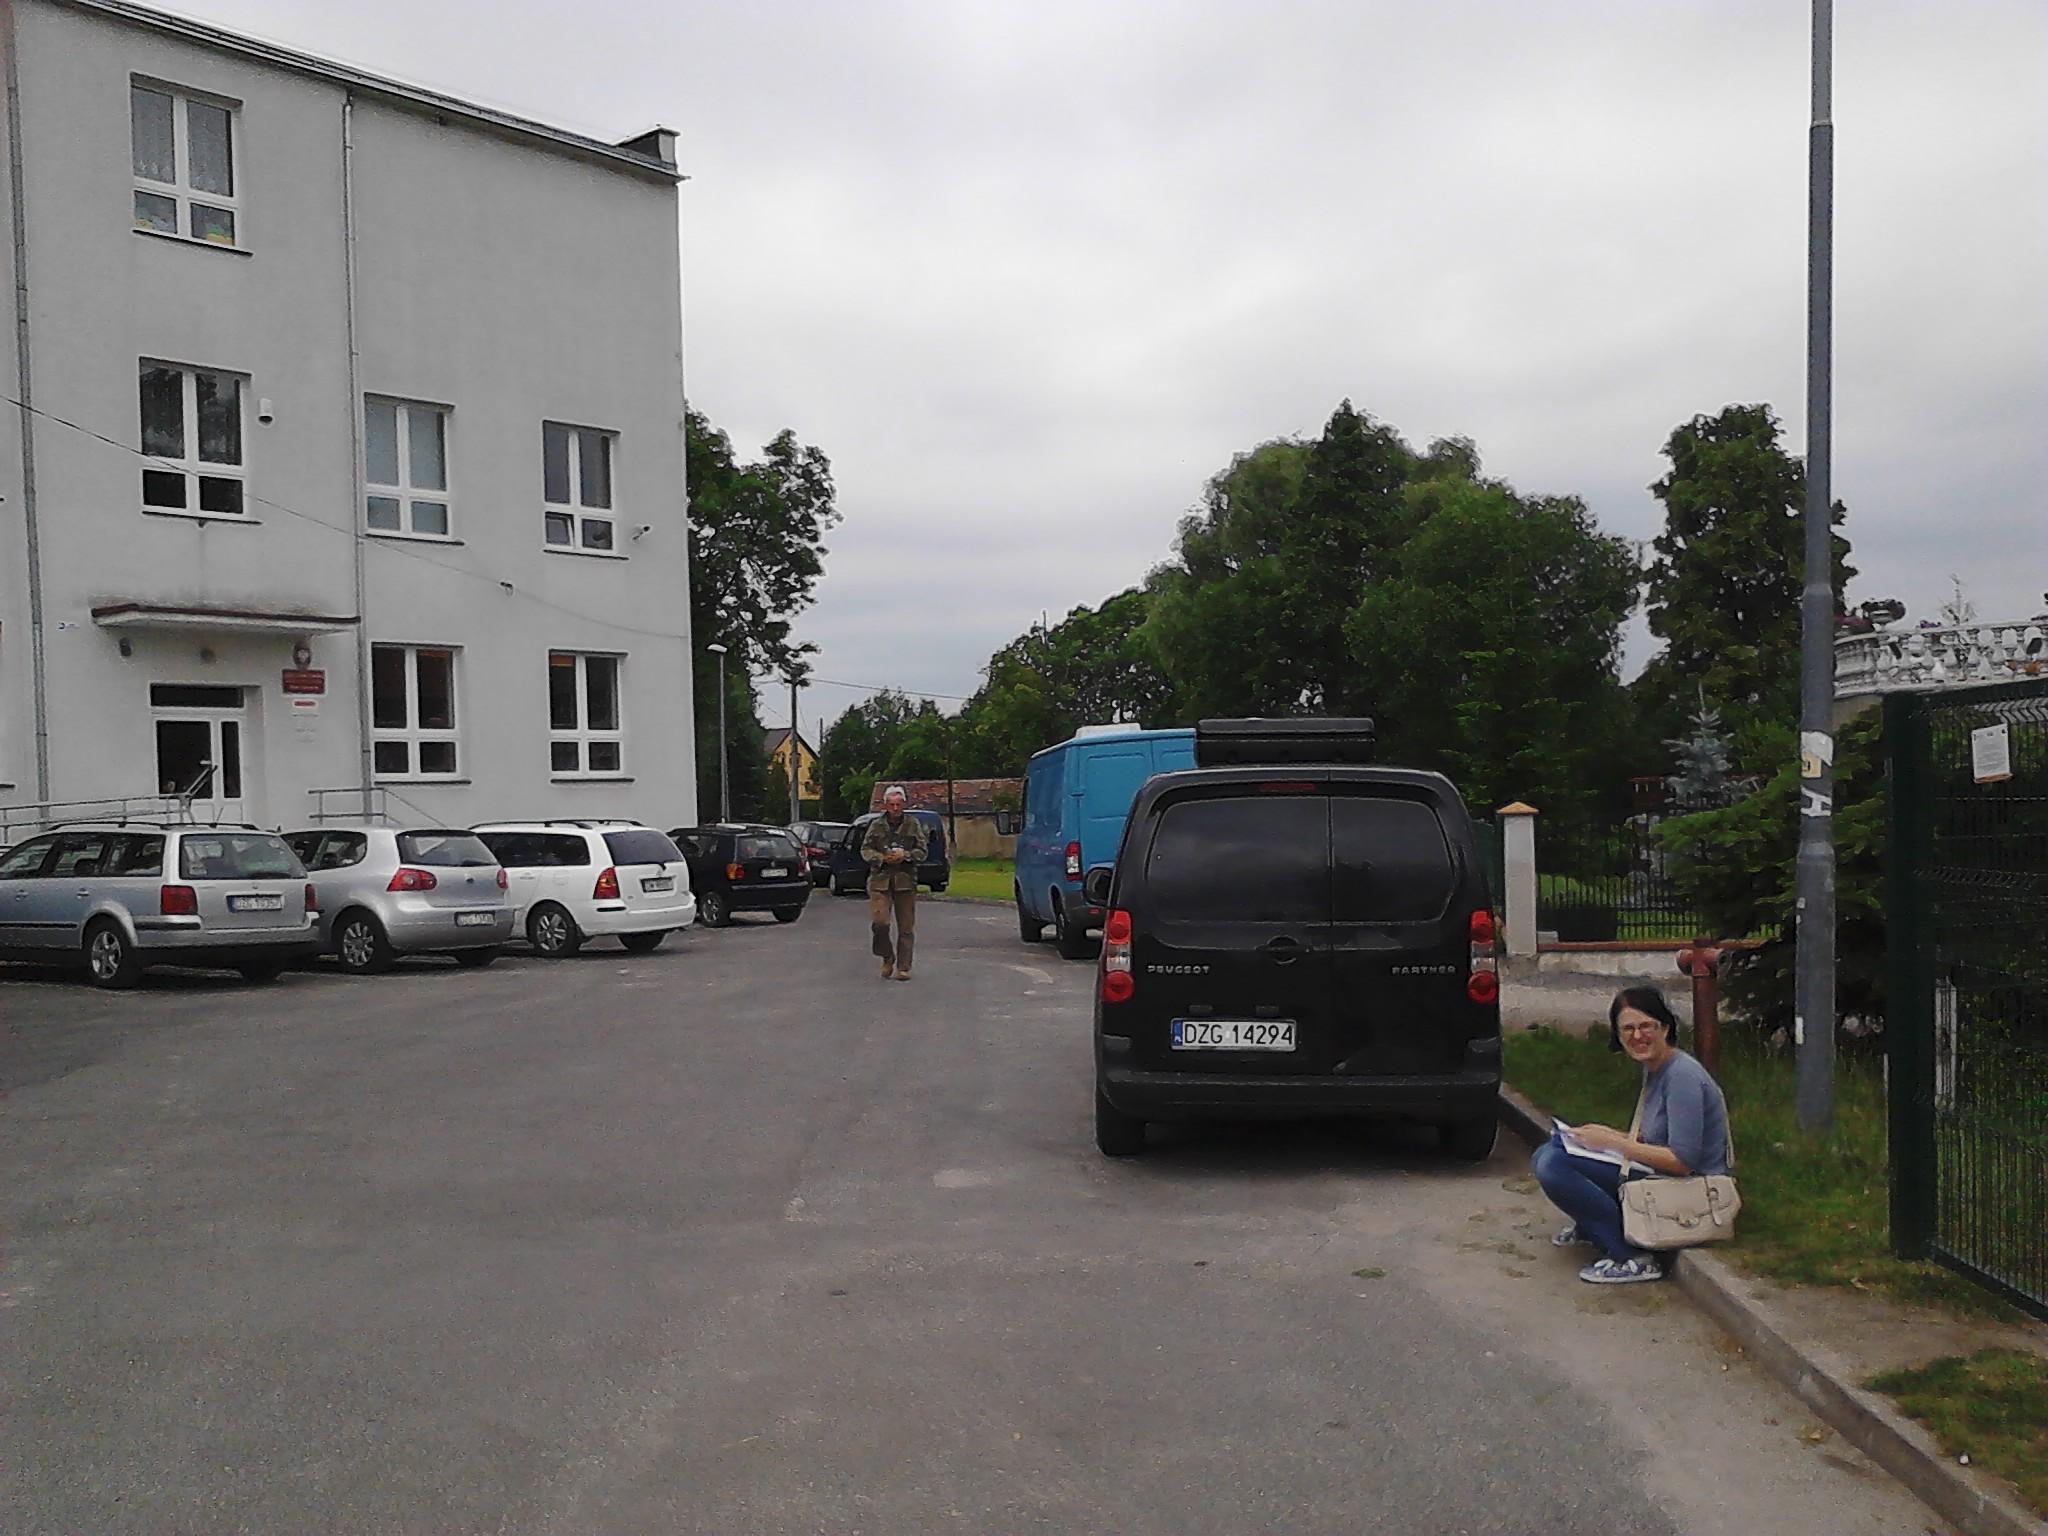 po prawej widoczny stopień przed wejściem, po lewej budynek szkoły